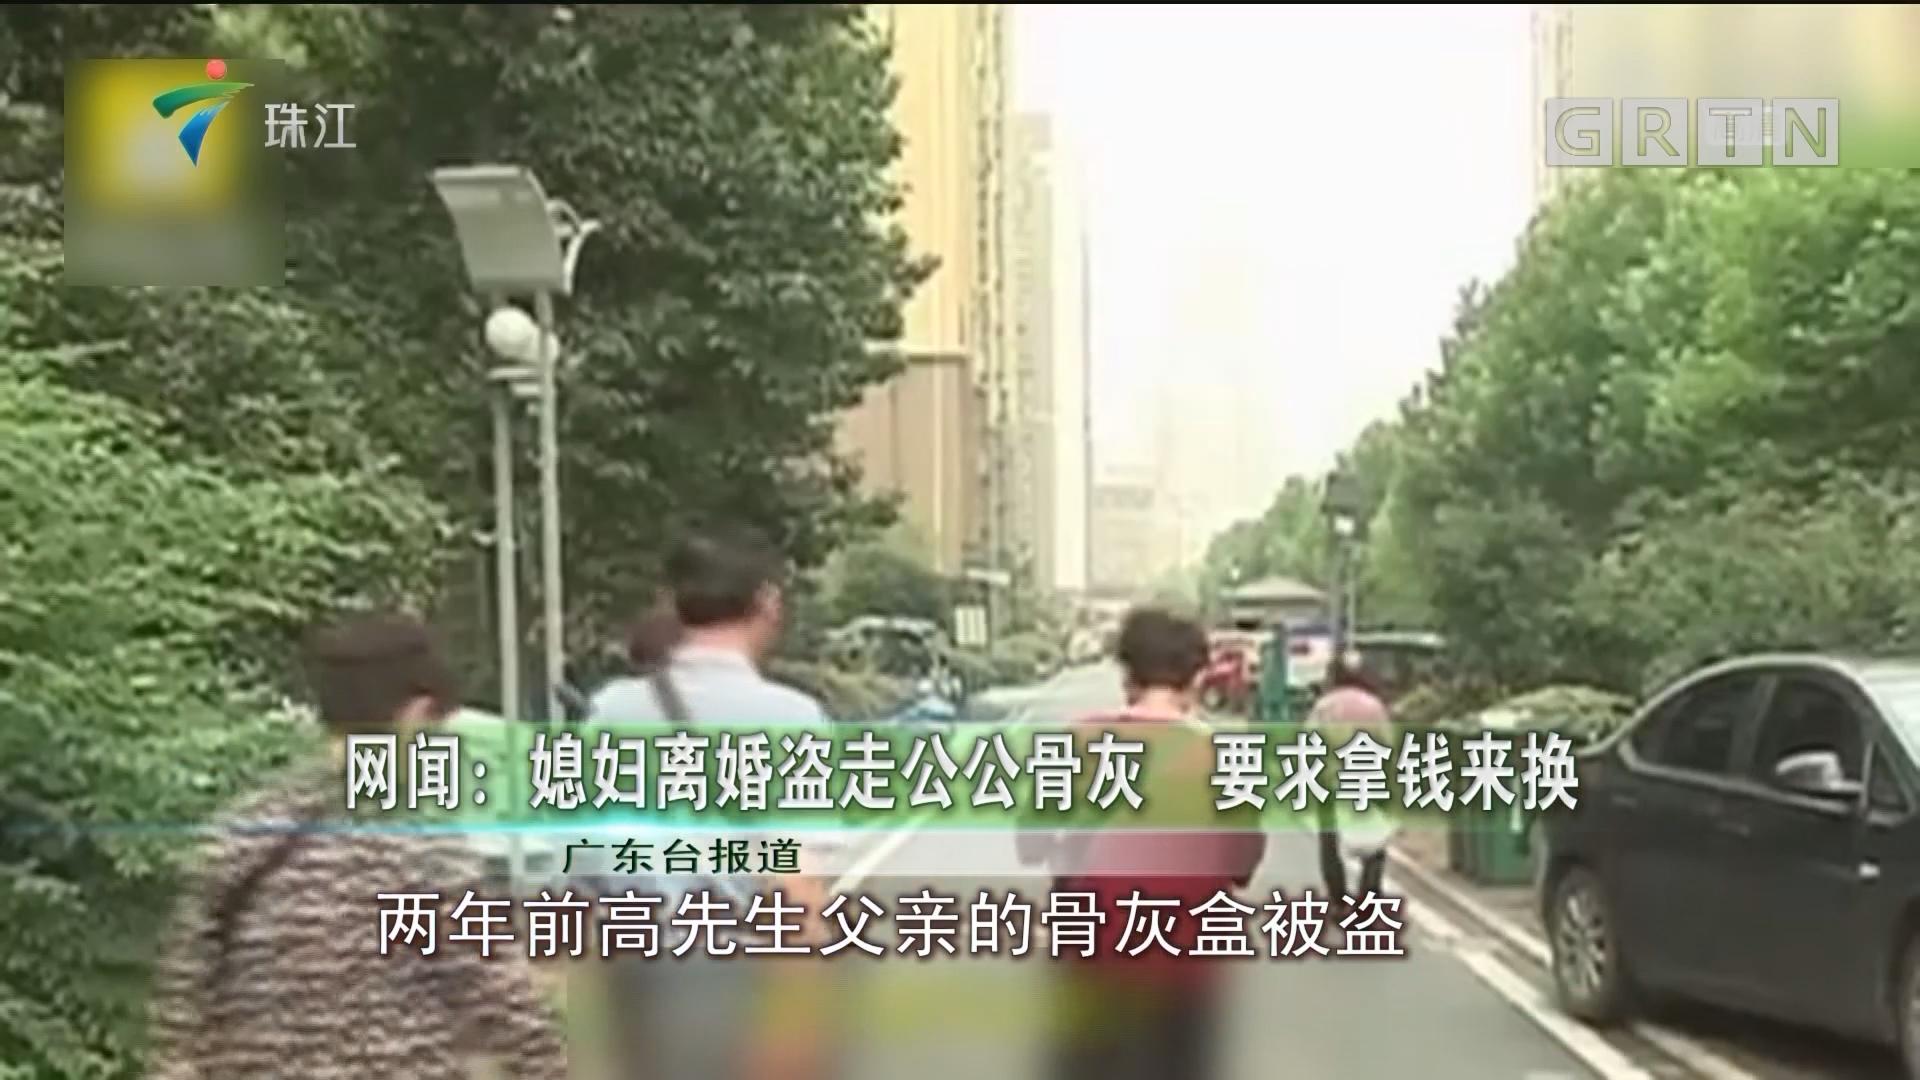 網聞:媳婦離婚盜走公公骨灰 要求拿錢來換